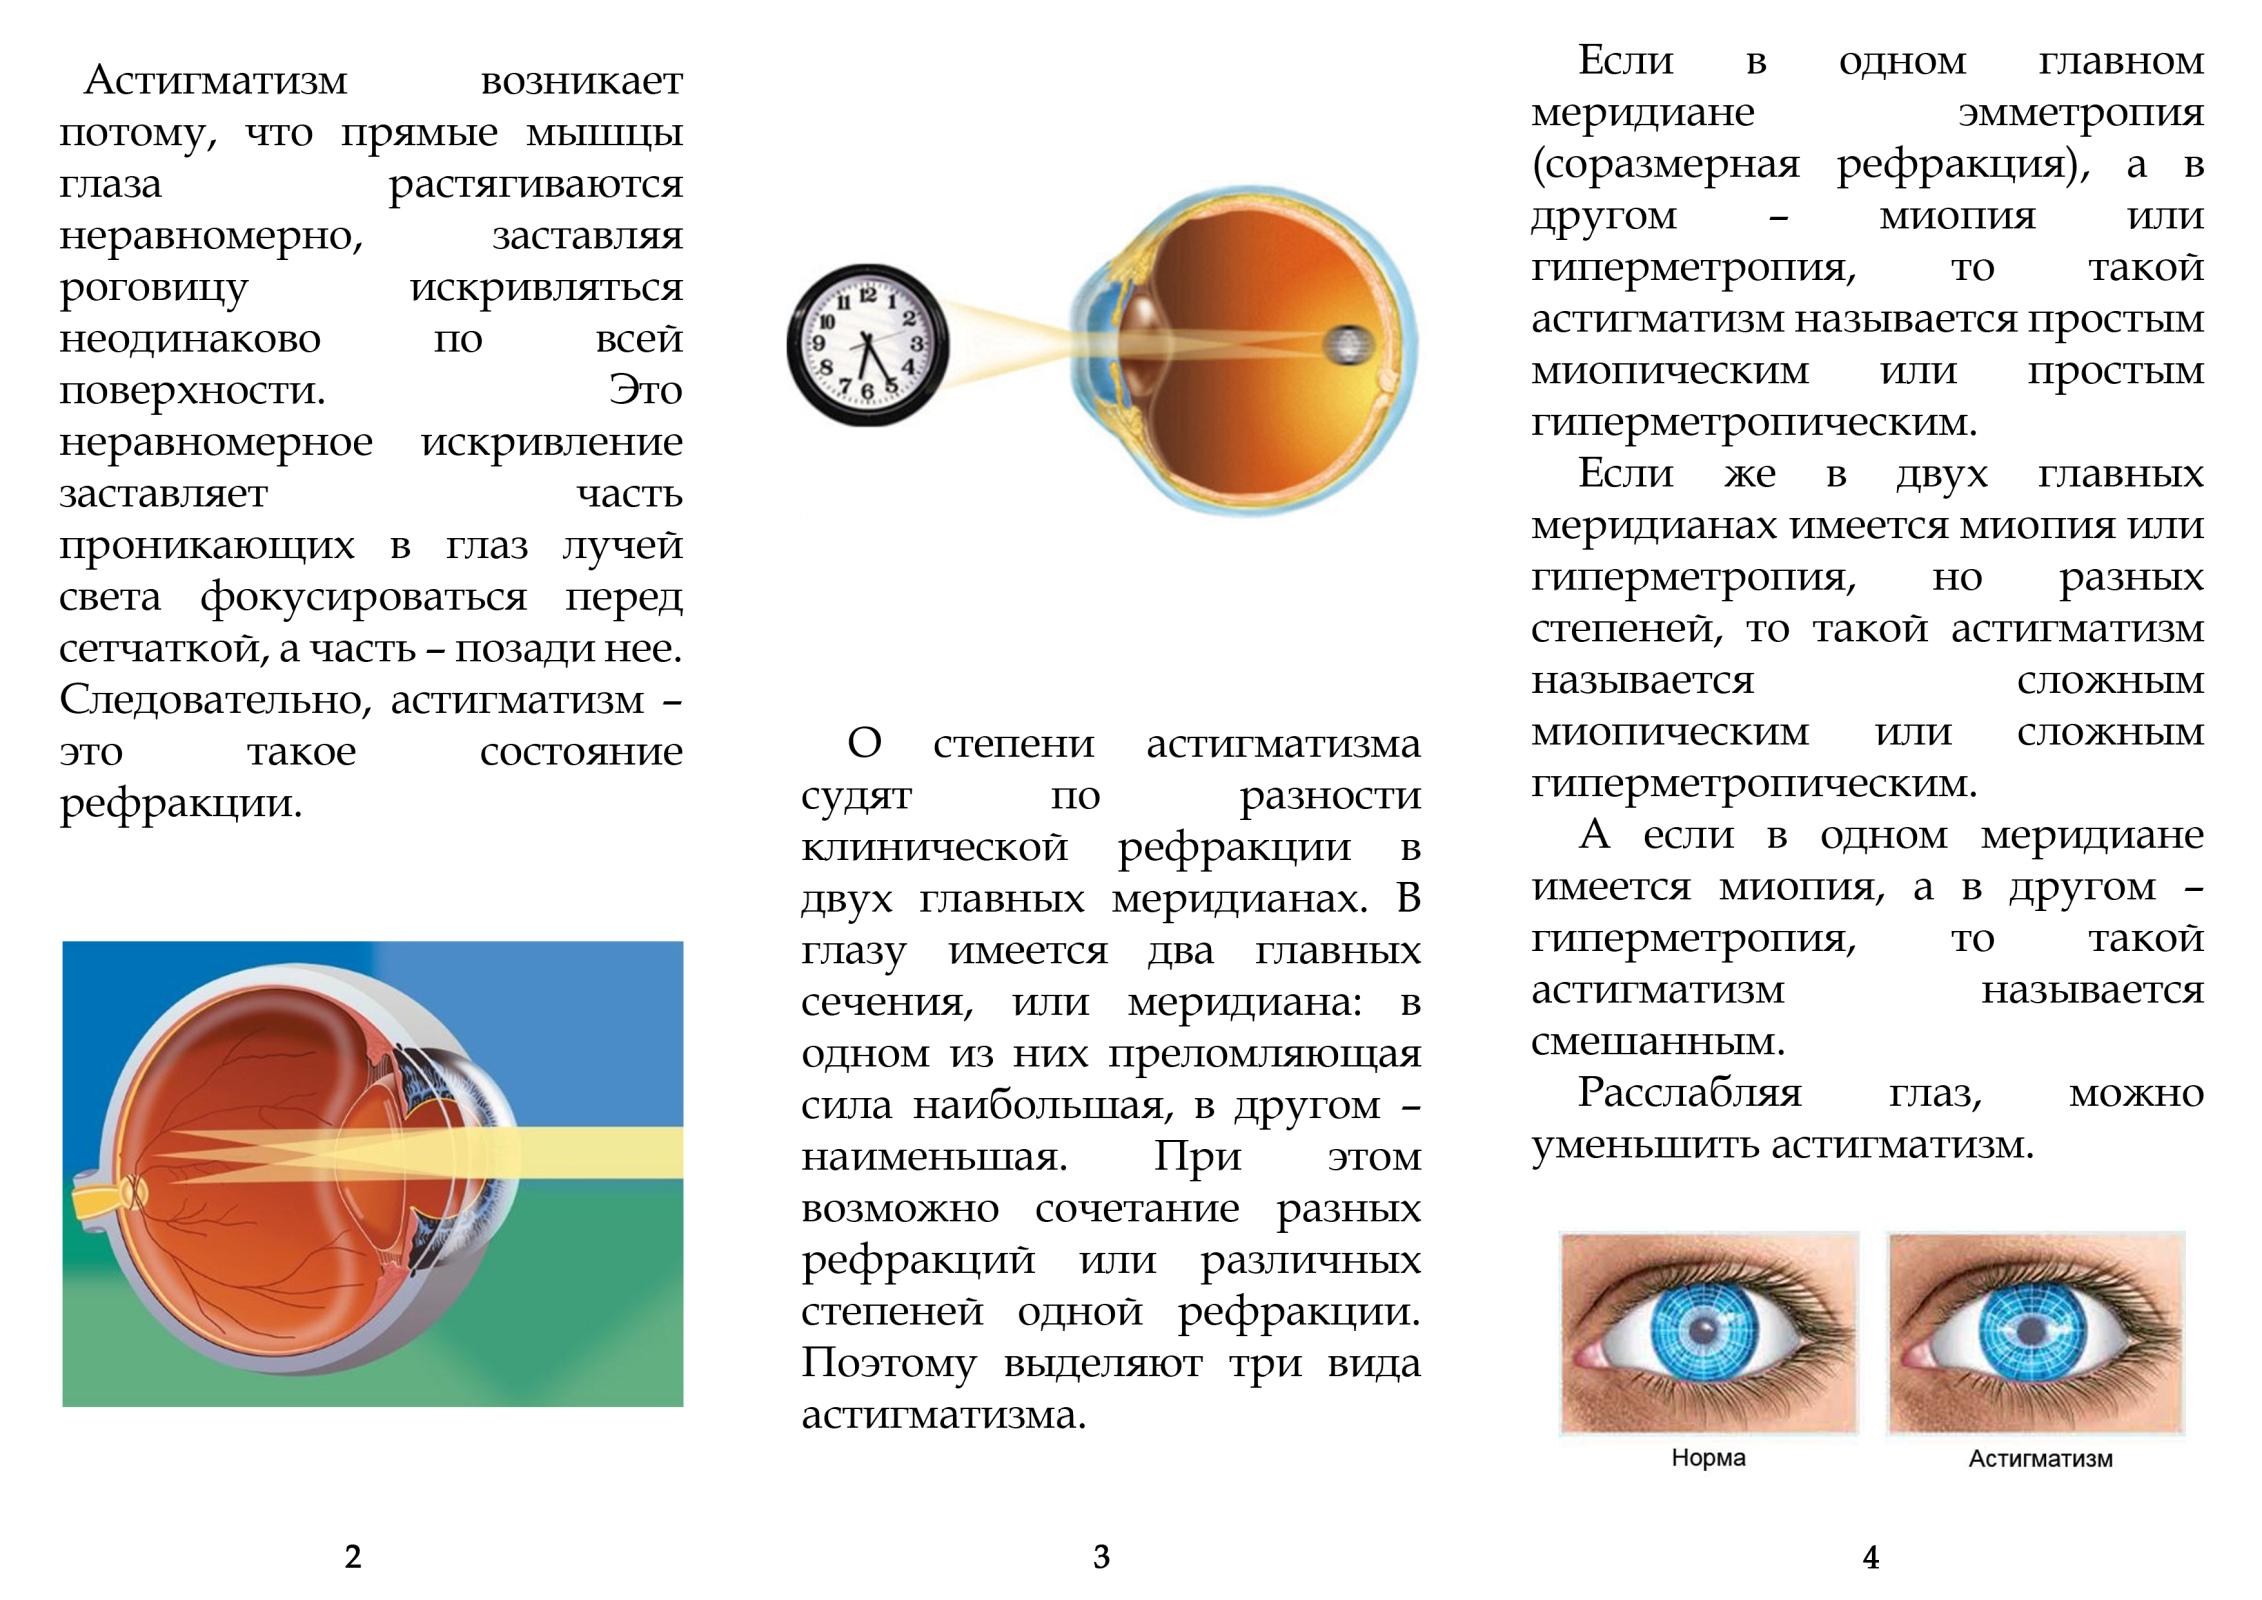 Смешанный астигматизм: что это такое, причины, симптомы, юывает ли хорошее зрение при патологии, как лечить заболевание правого глаза